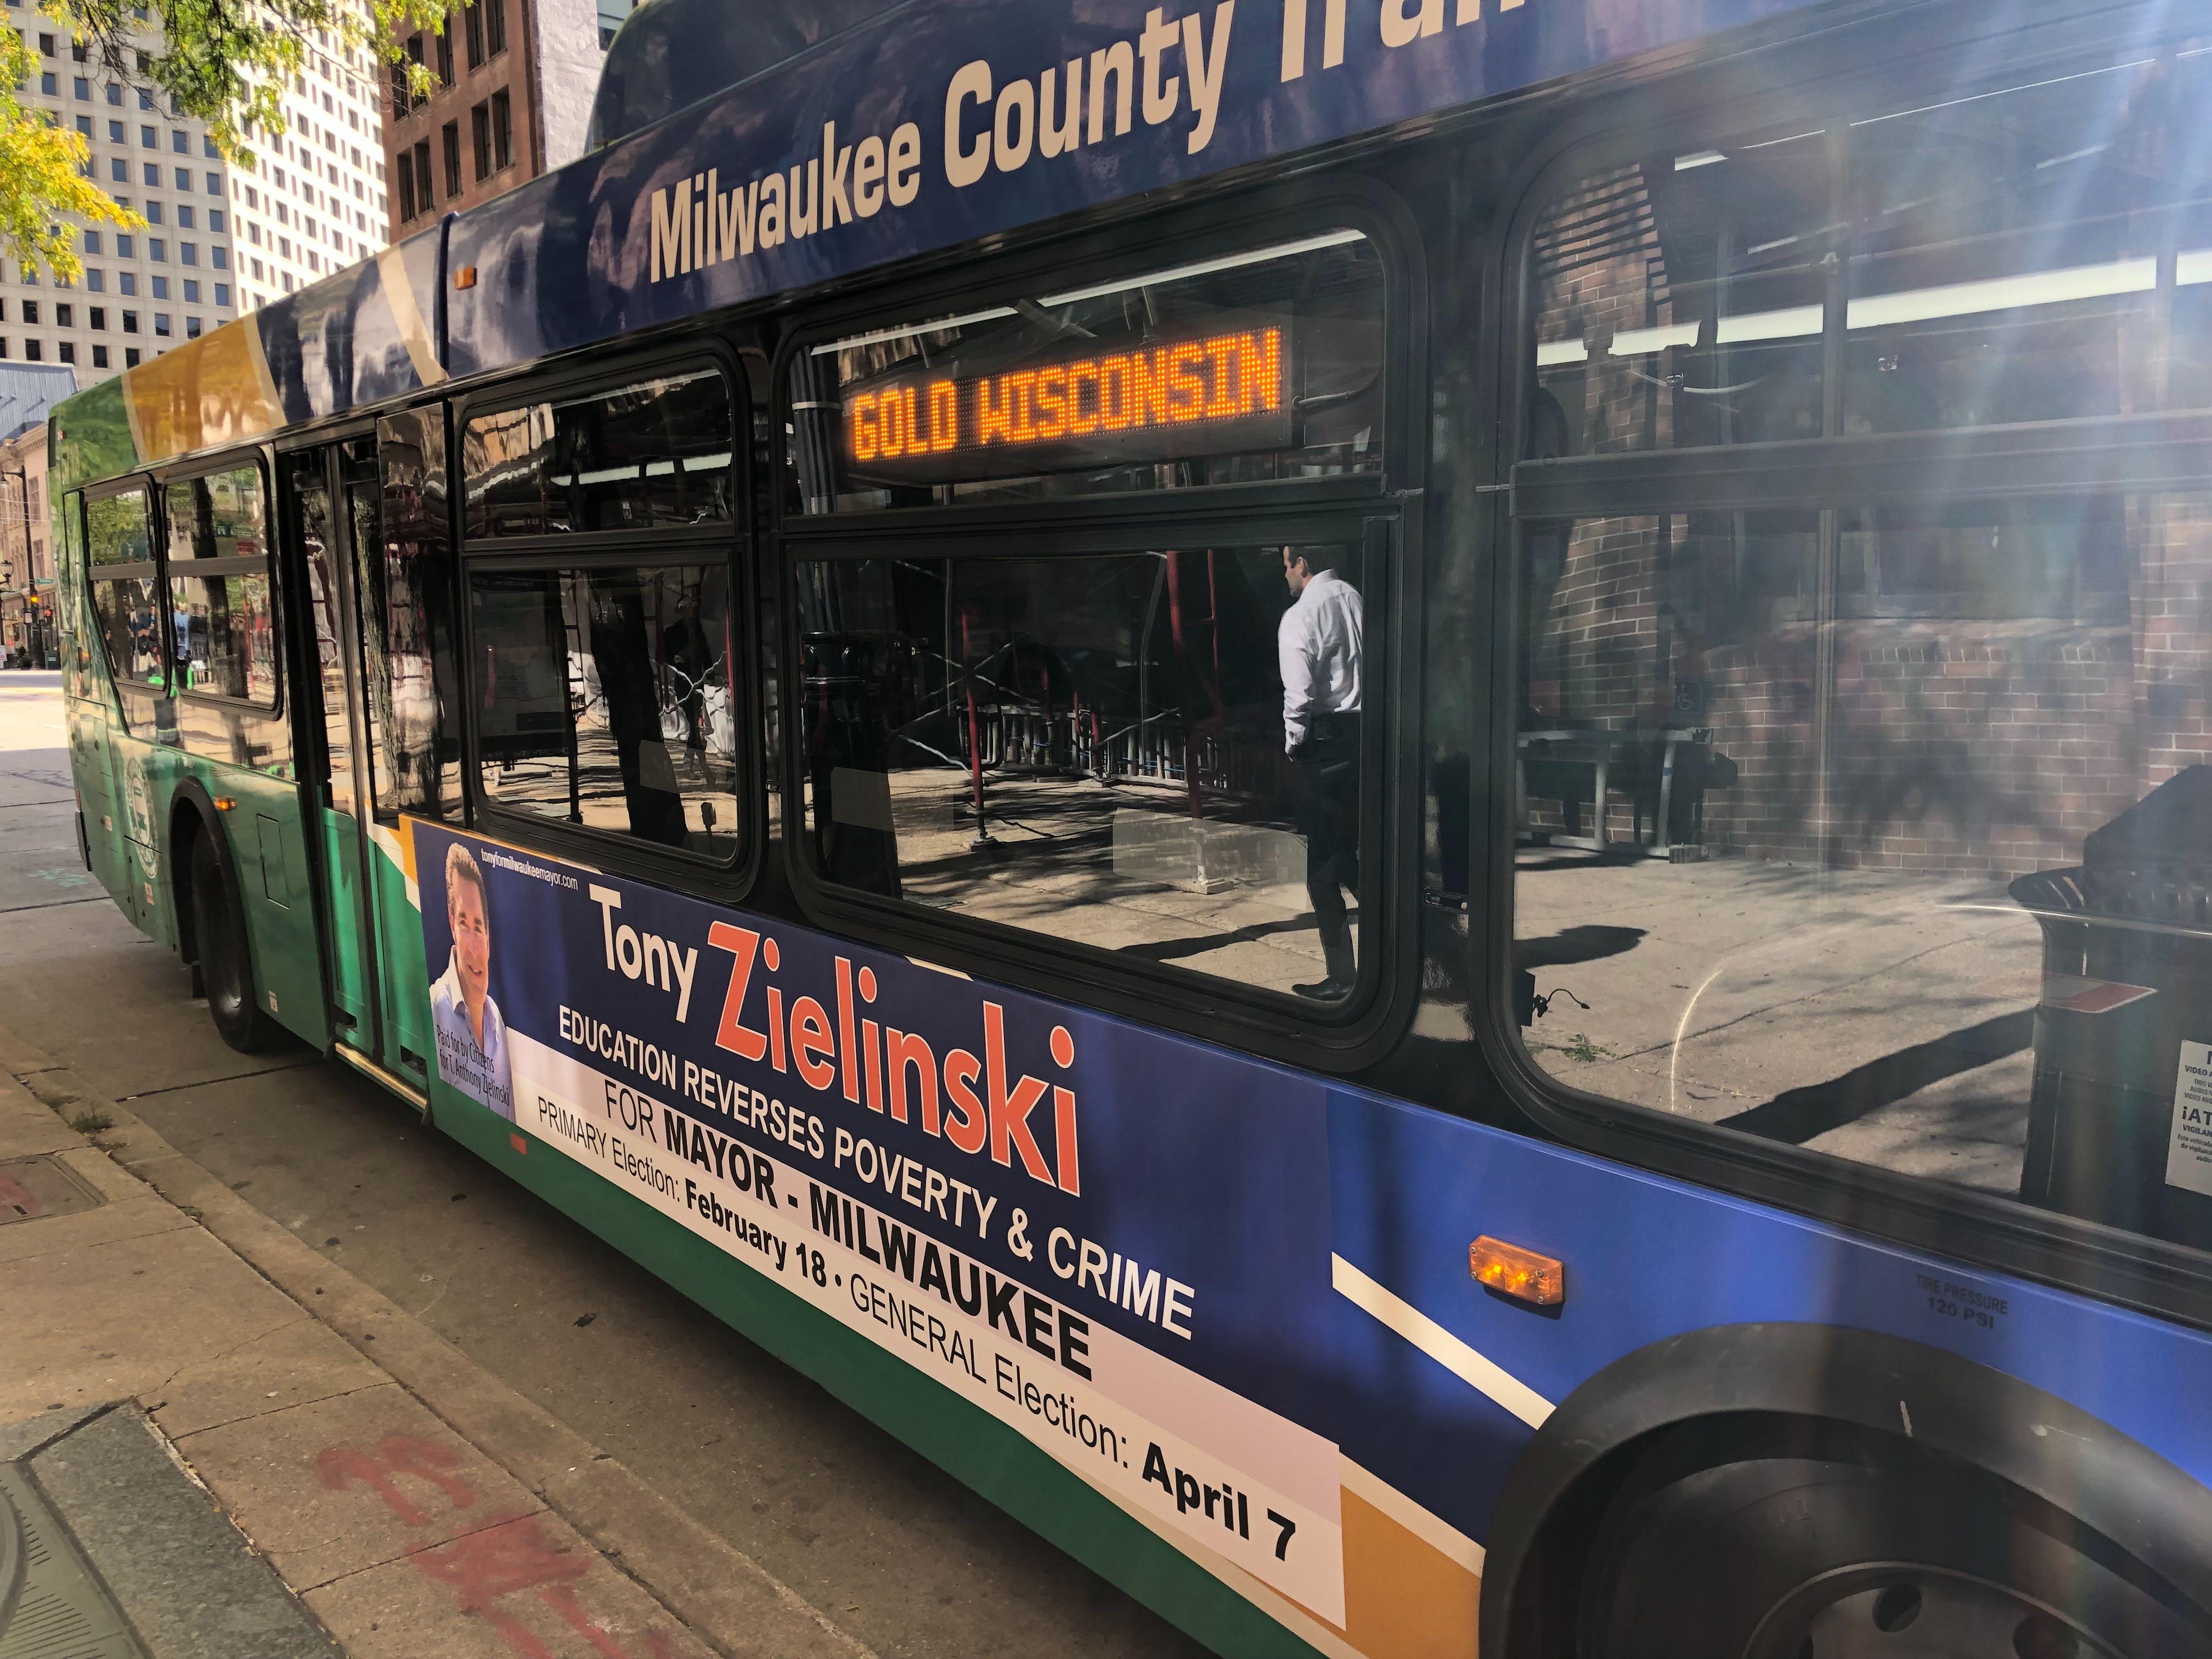 Tony Zielinski for Mayor bus ad. Photo by Jeramey Jannene.